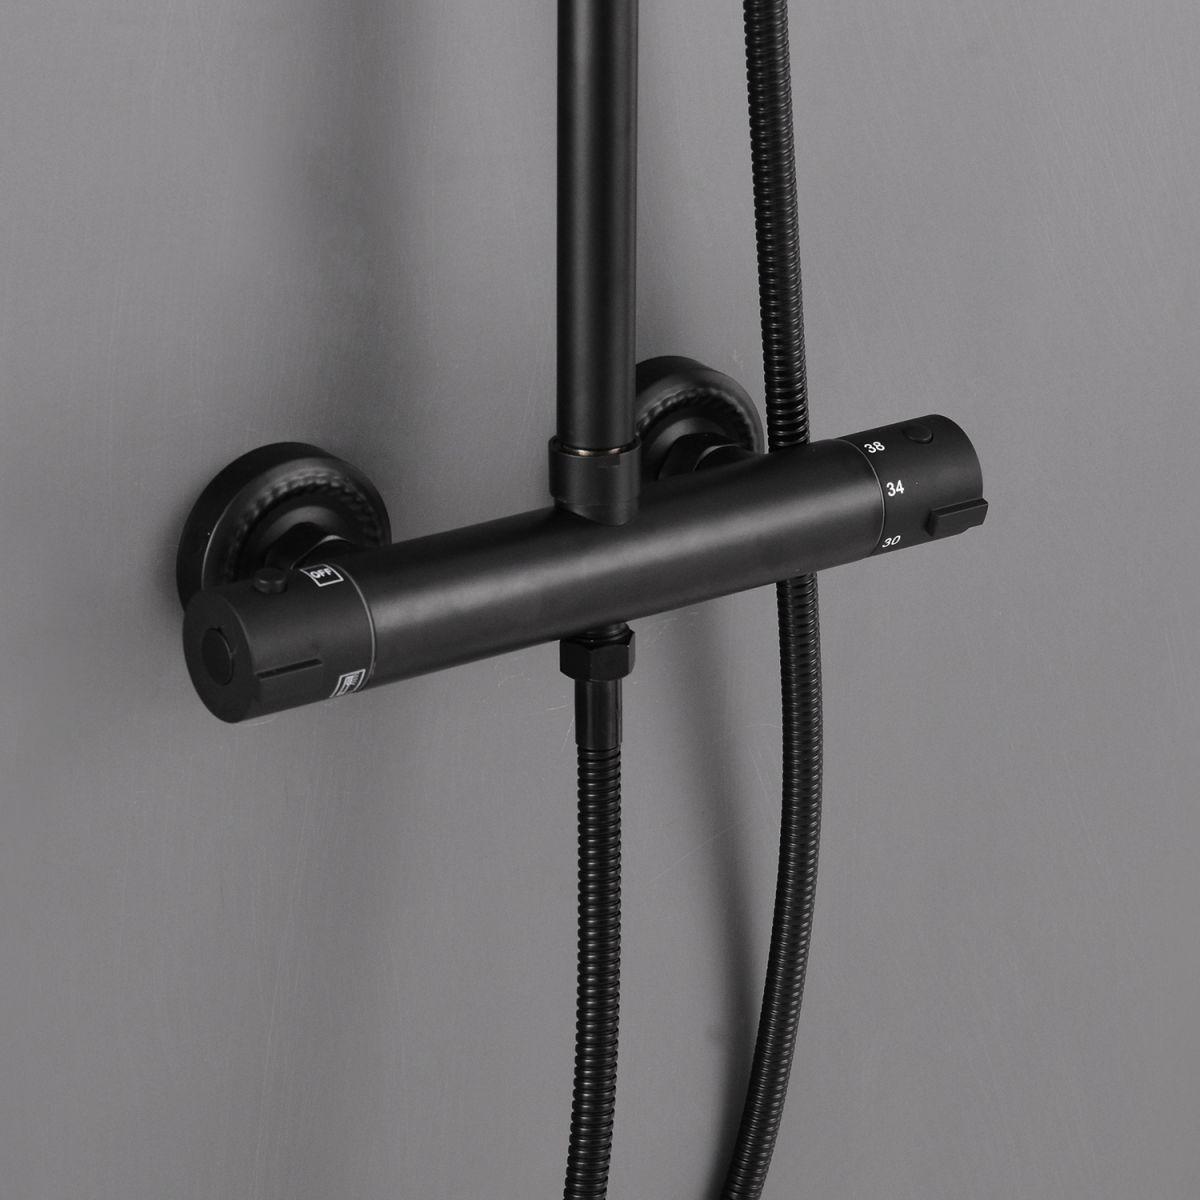 SS 01B 2 Colonna doccia termostatica